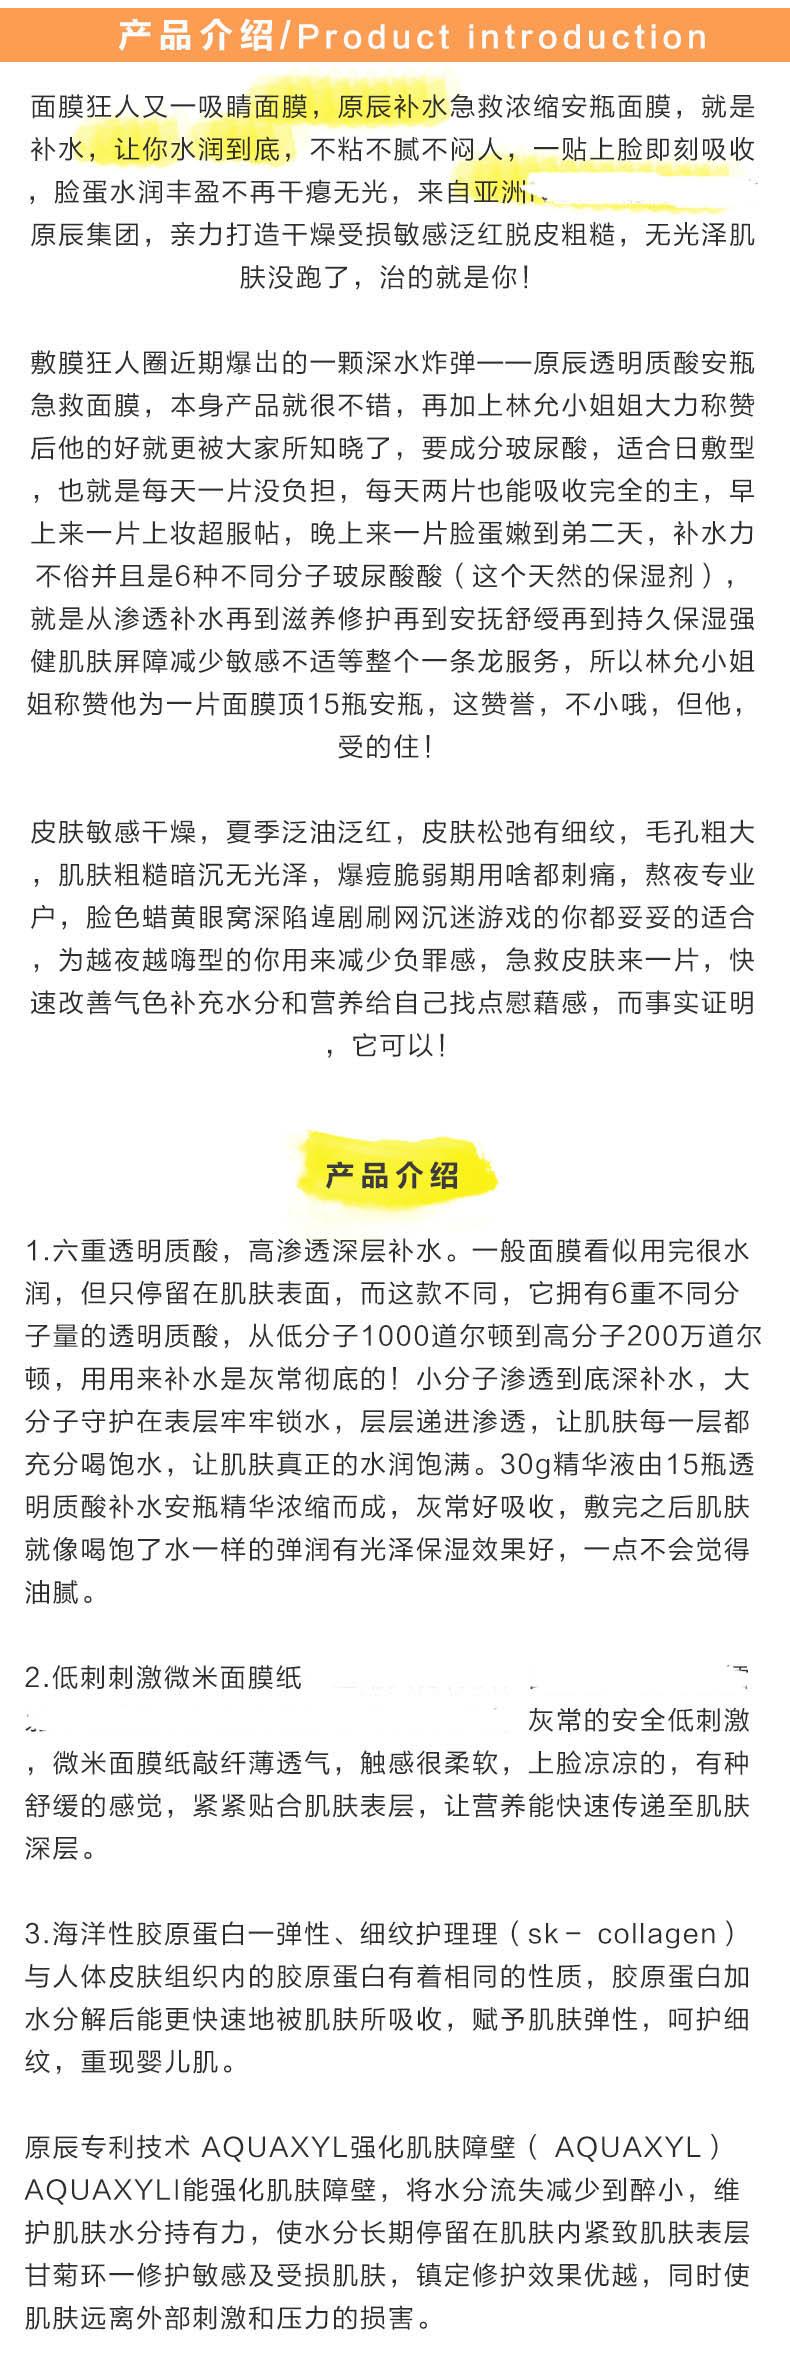 yuanchen.jpg